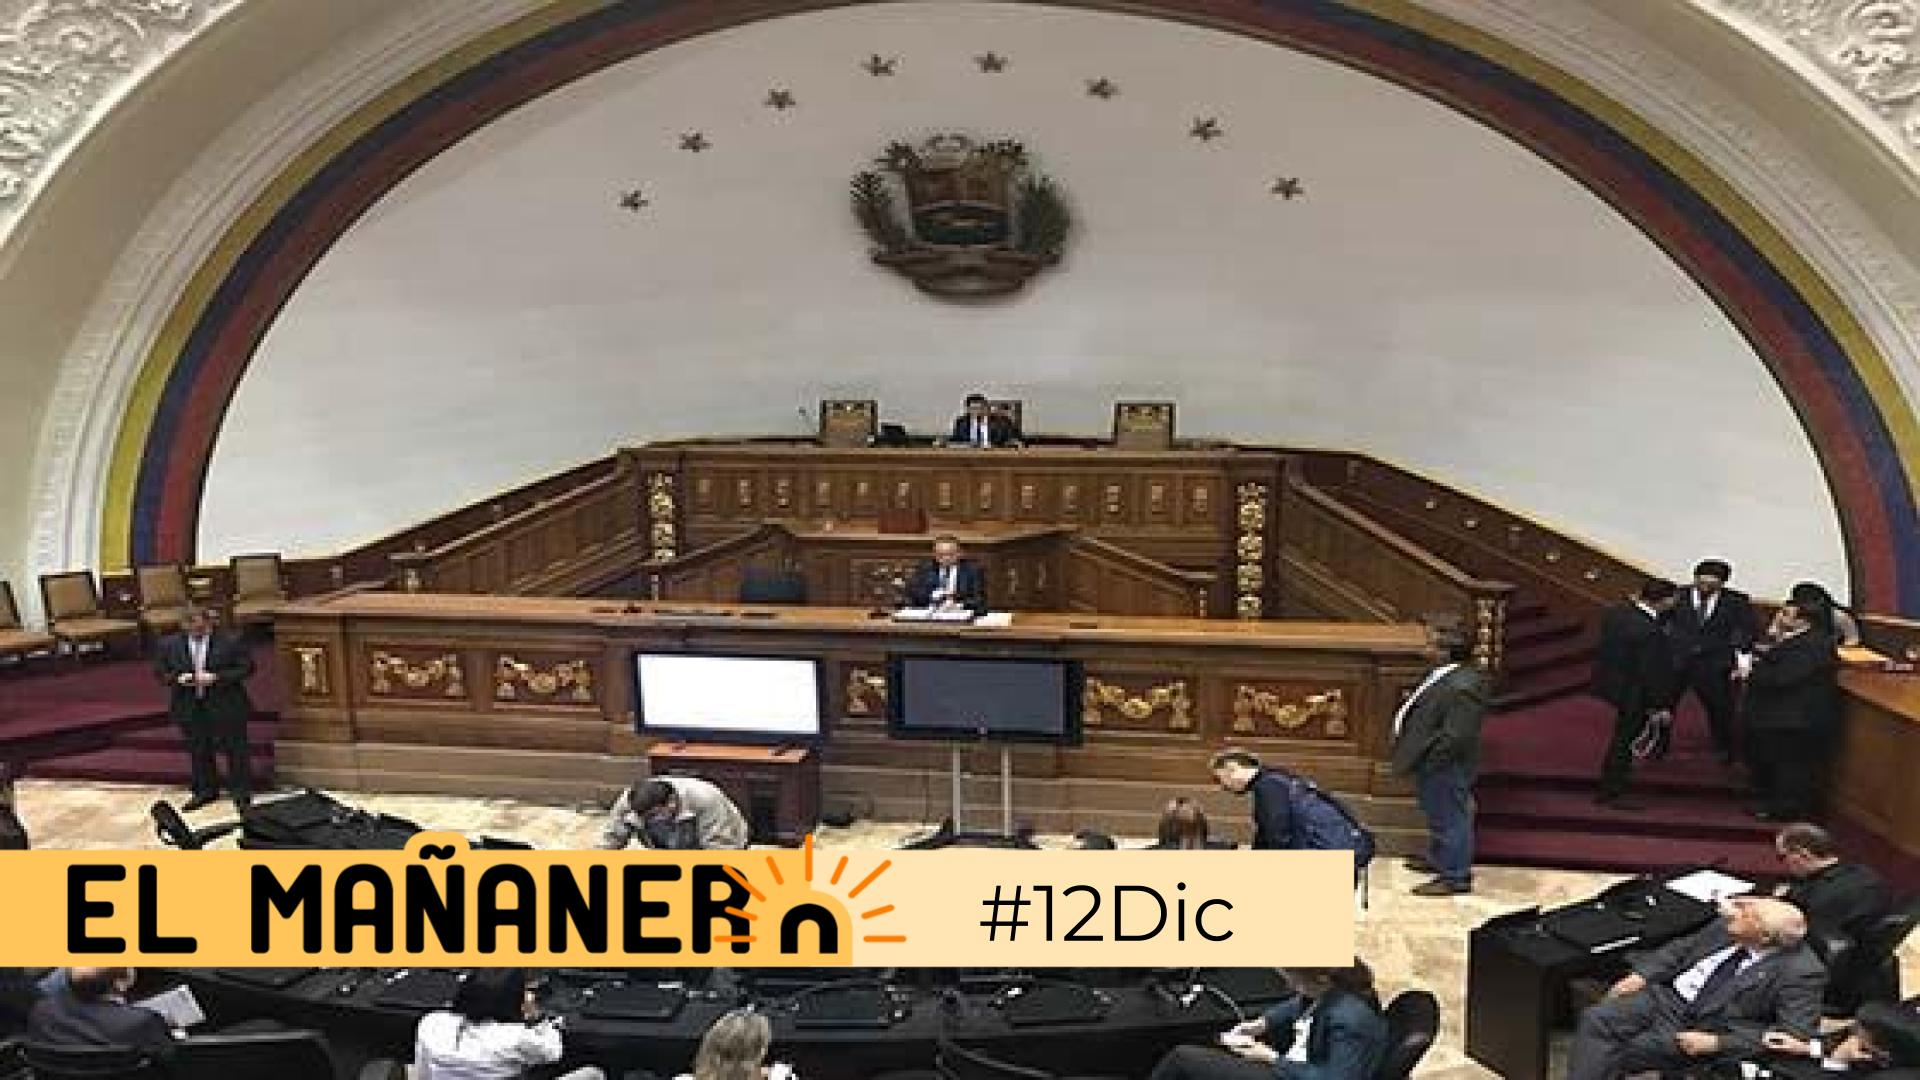 El Mañanero de hoy #12Dic: Las 8 noticias que debes saber